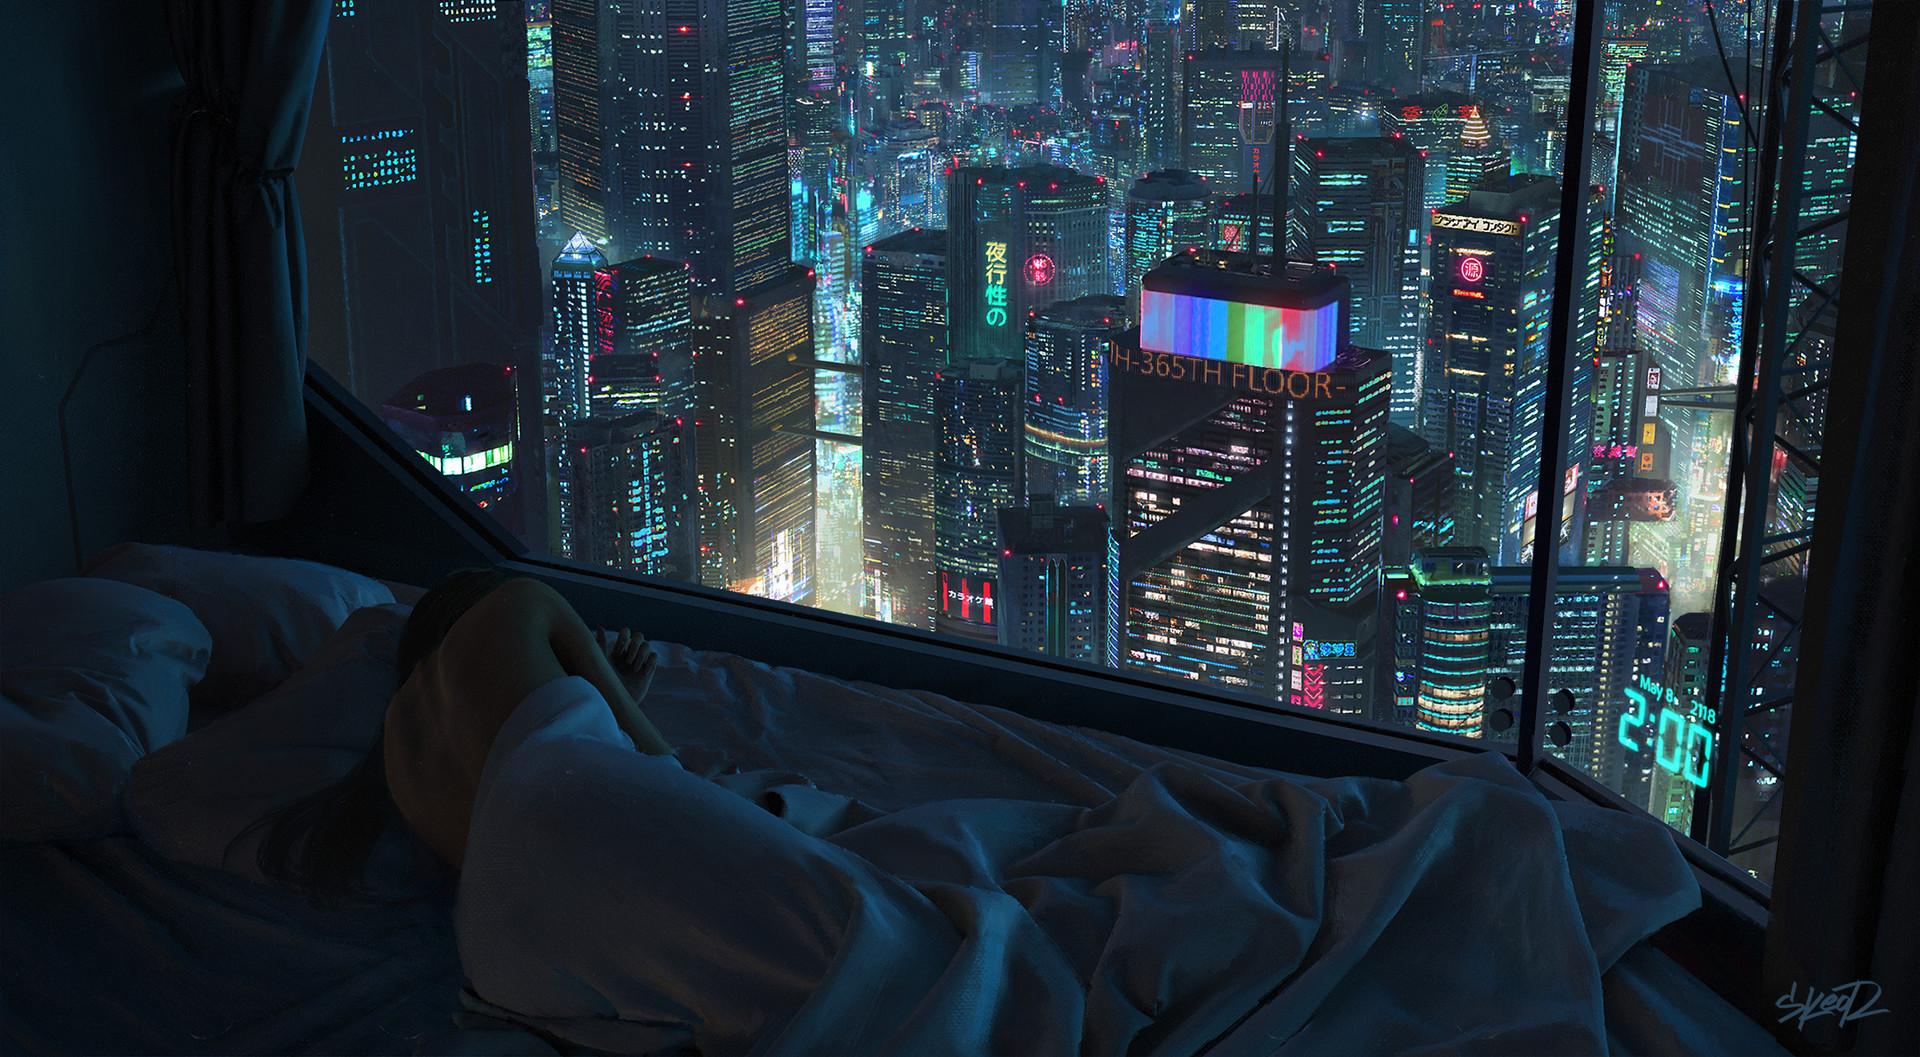 Futurist Anime Girl Wallpaper Wallpaper Futuristic Cityscape Women Back Tony Skeor